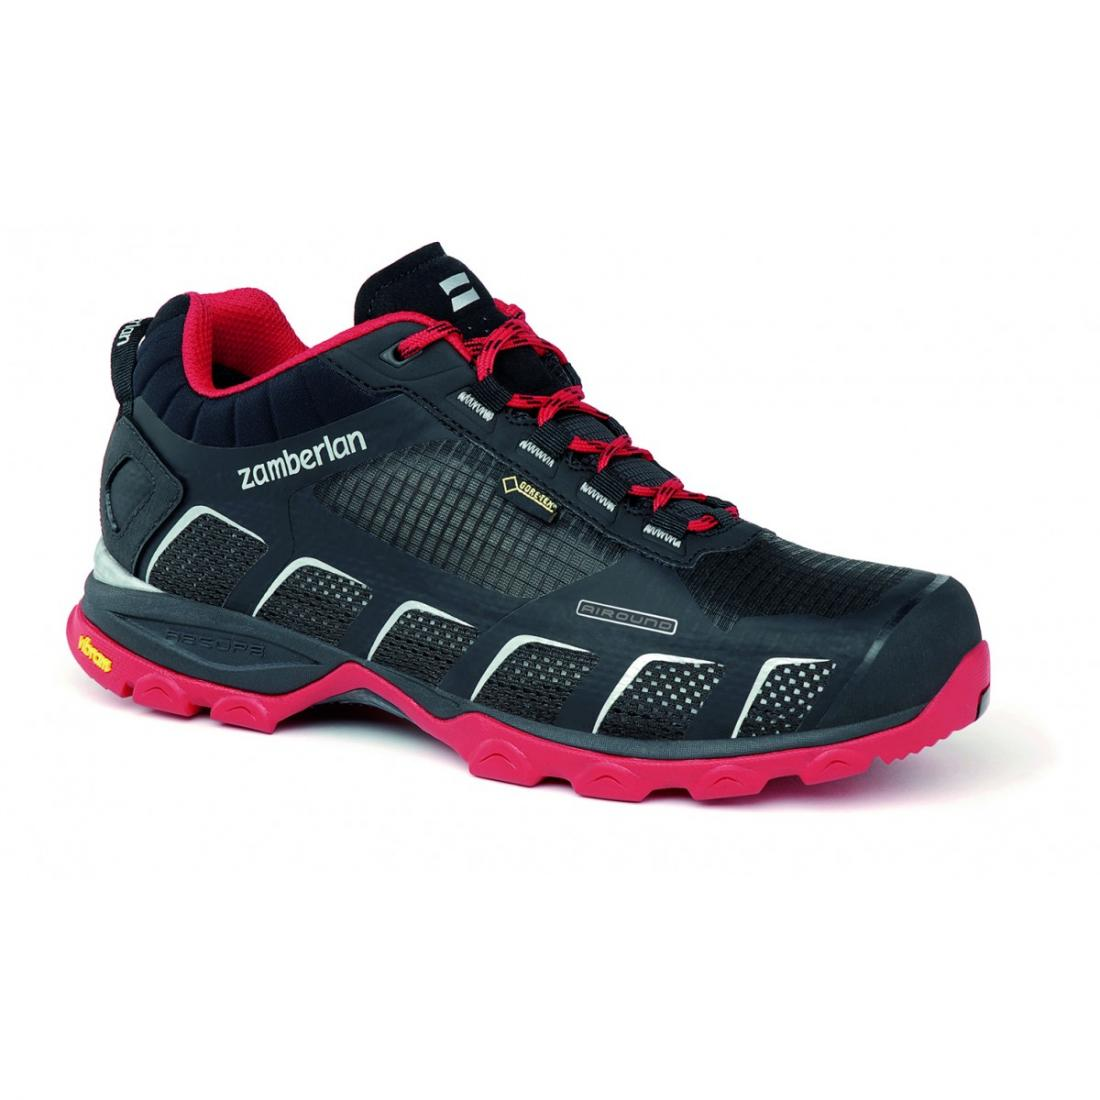 Кроссовки 132 AIR-ROUND GTX RRХайкинговые<br>Стильные ботинки средней высоты для легкого и уверенного движения по горным тропам. Комфортная посадка этих ботинок усовершенствована з...<br><br>Цвет: Черный<br>Размер: 45